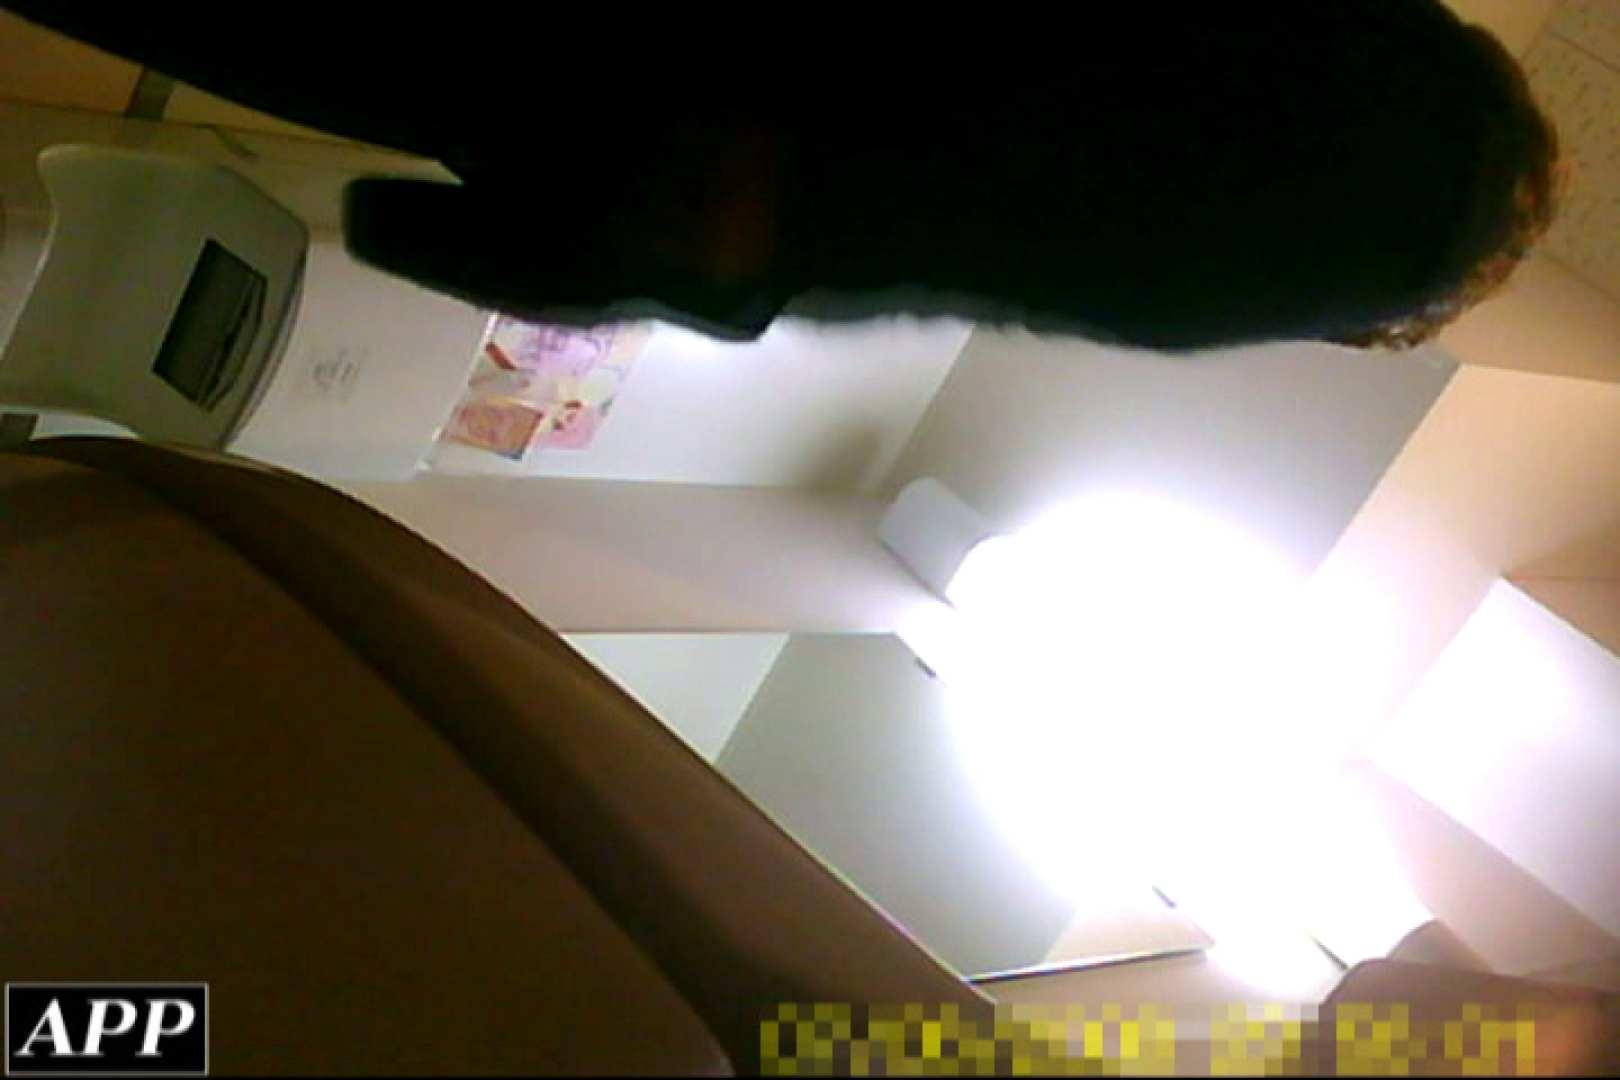 3視点洗面所 vol.70 マンコエロすぎ 性交動画流出 78PIX 72